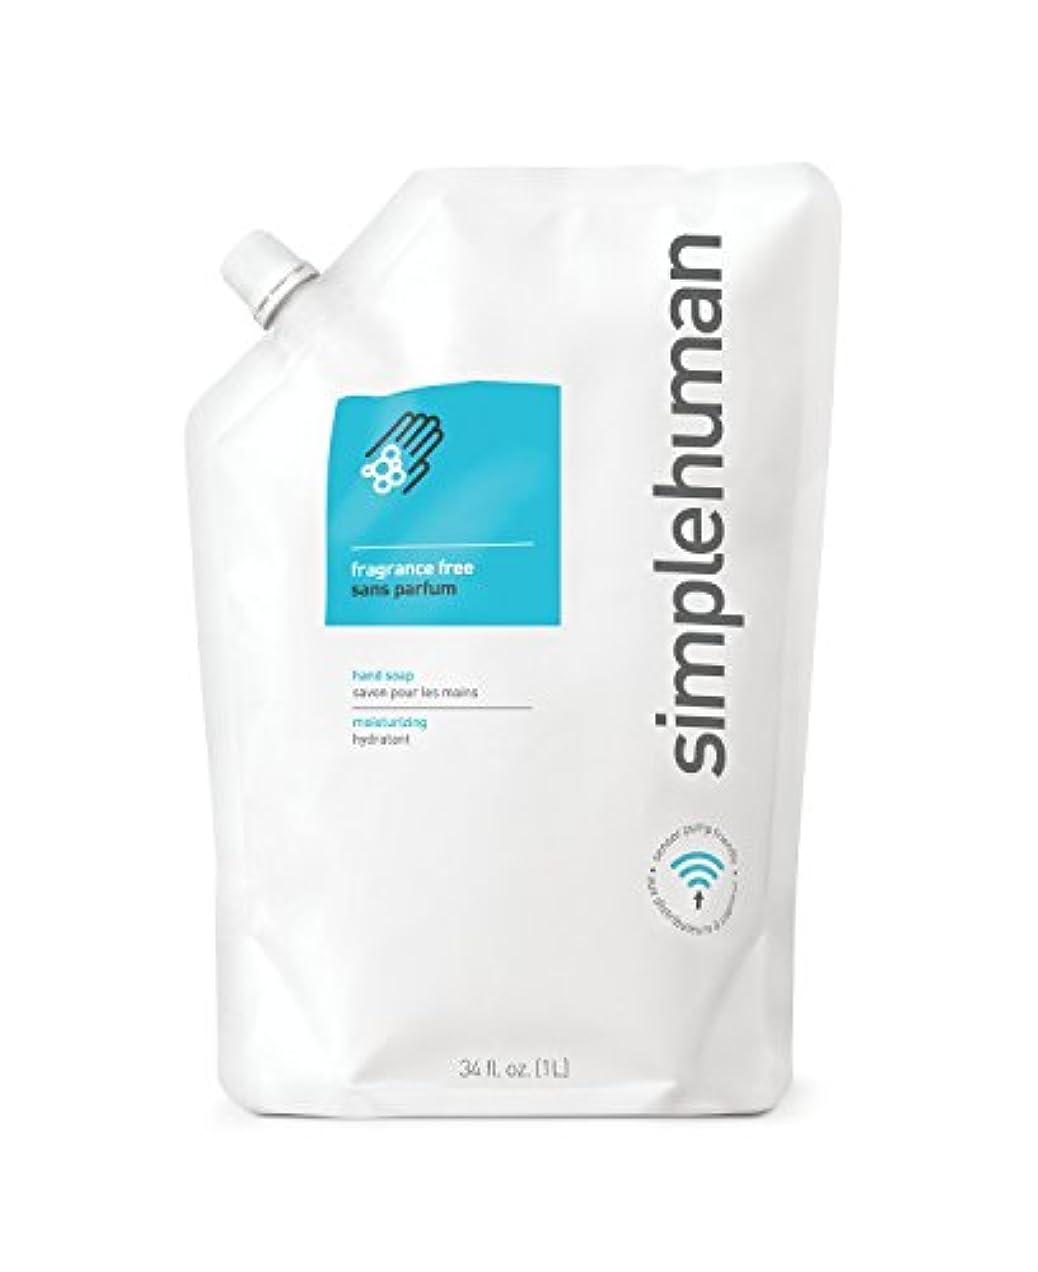 モンク出版に向かってsimplehuman(シンプルヒューマン) 保湿液体ハンドソープ詰め替えパウチ 1 Pack オフホワイト CT1023